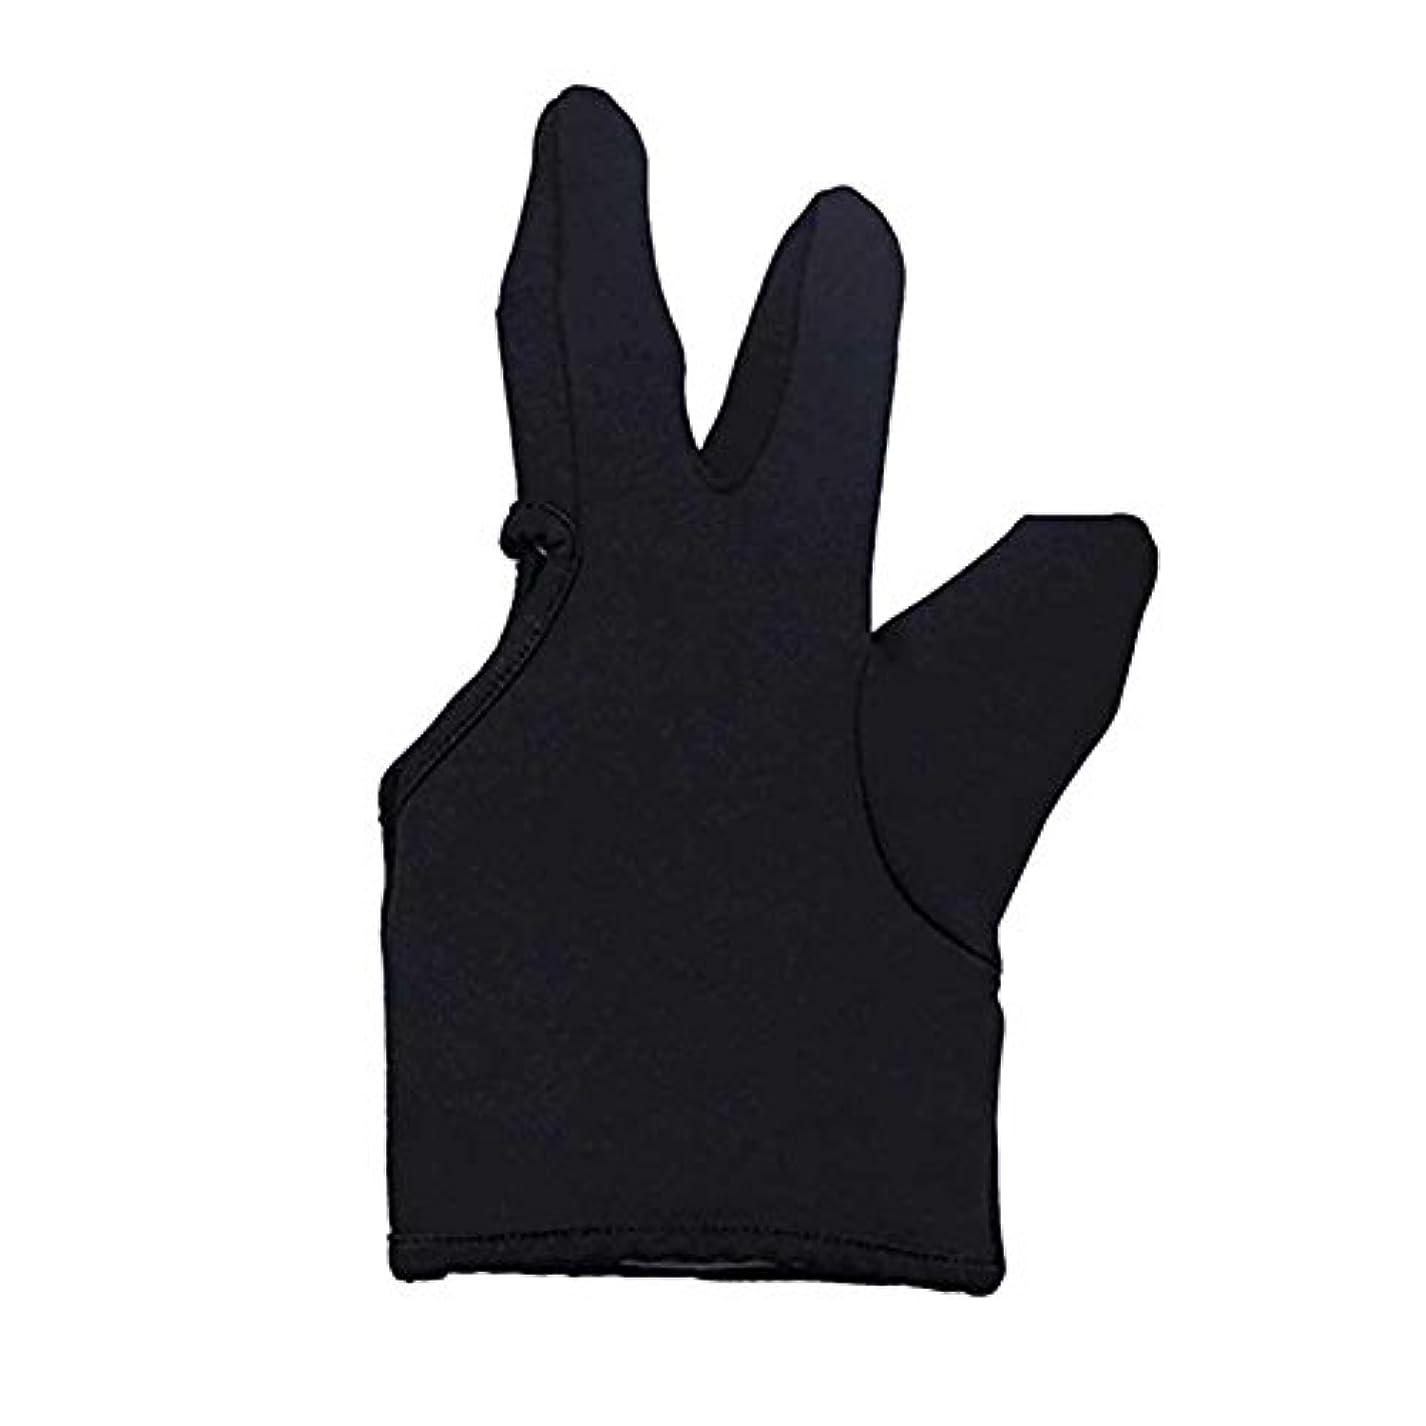 敷居息切れ六月Liebeye 3本の指耐熱フィンガー保護手袋 ヘアスタイリングツール